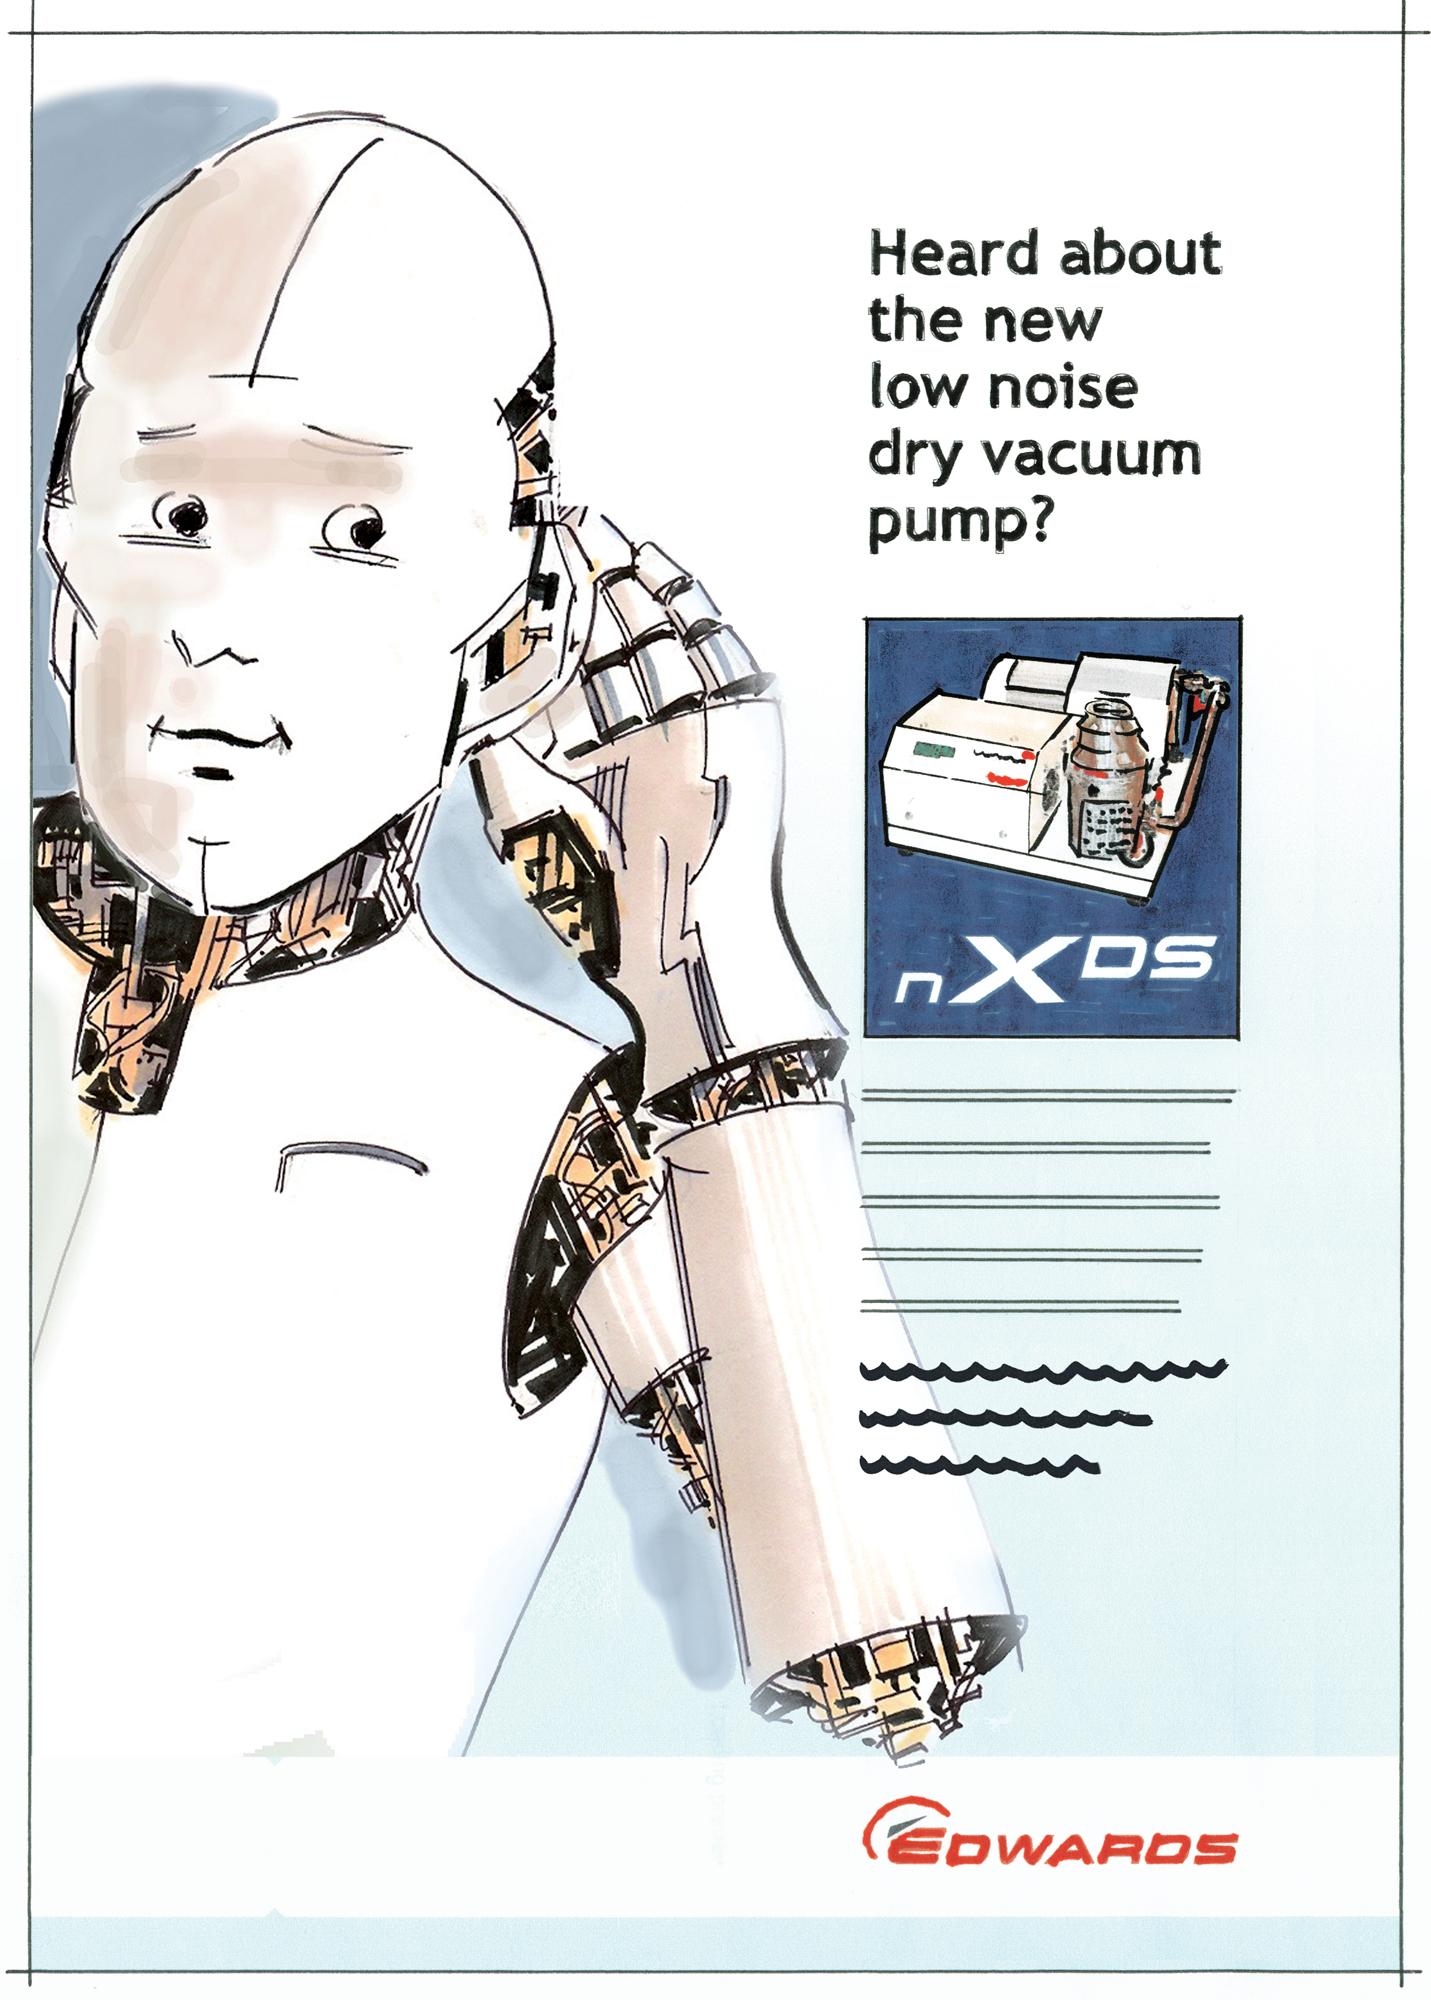 robot nxds